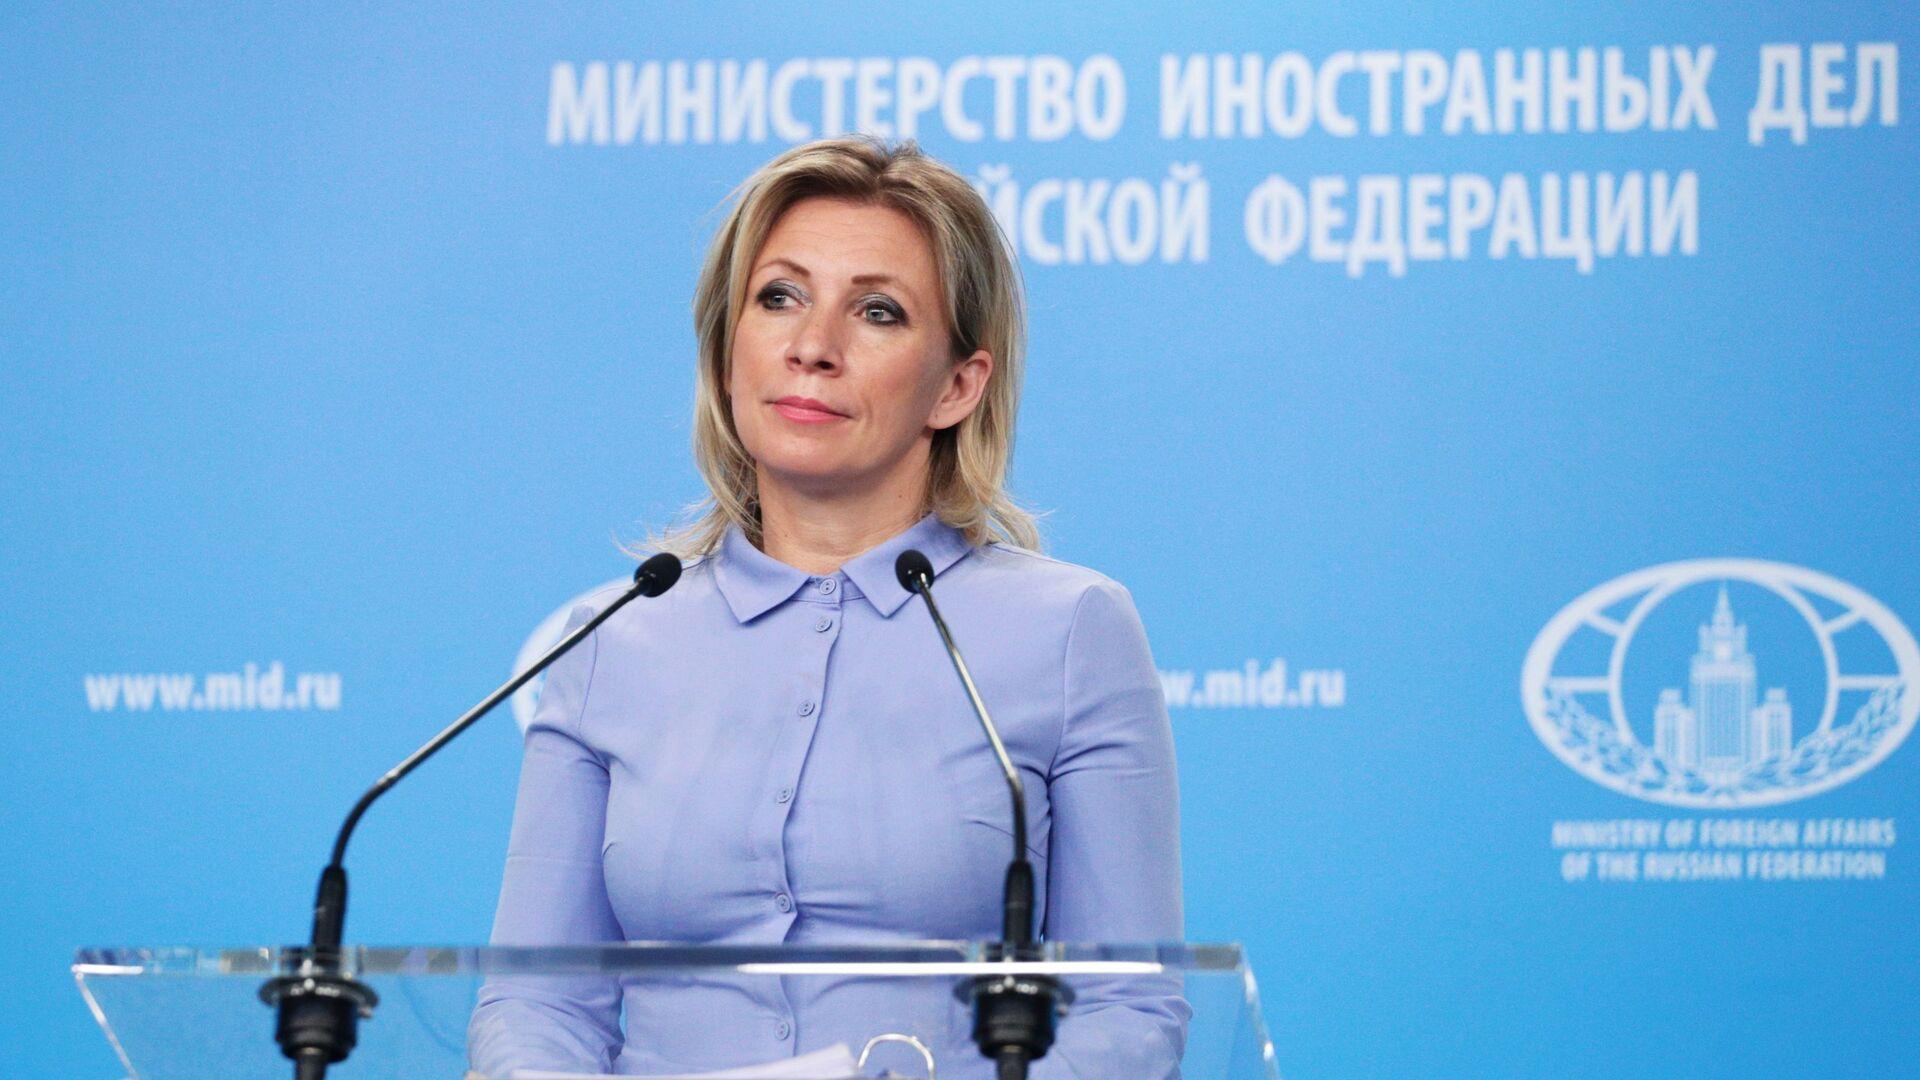 Krievijas Ārlietu ministrijas oficiālā pārstāve Marija Zaharova - Sputnik Latvija, 1920, 04.06.2021